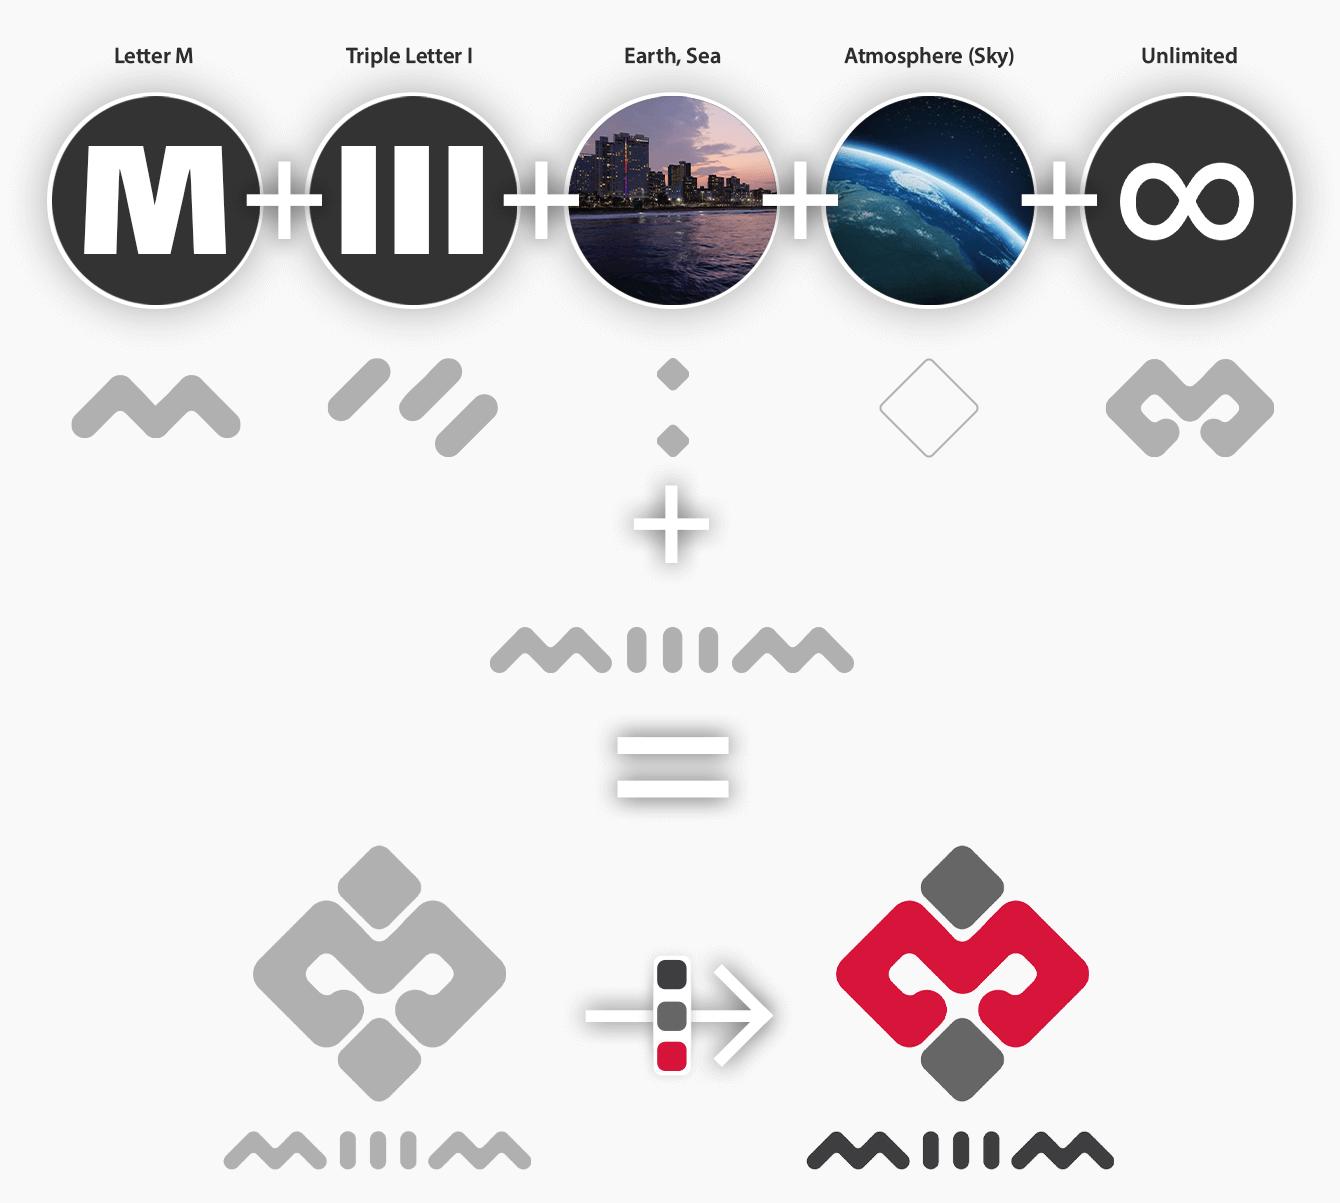 روند طراحی و ایده پردازی لوگو میییم